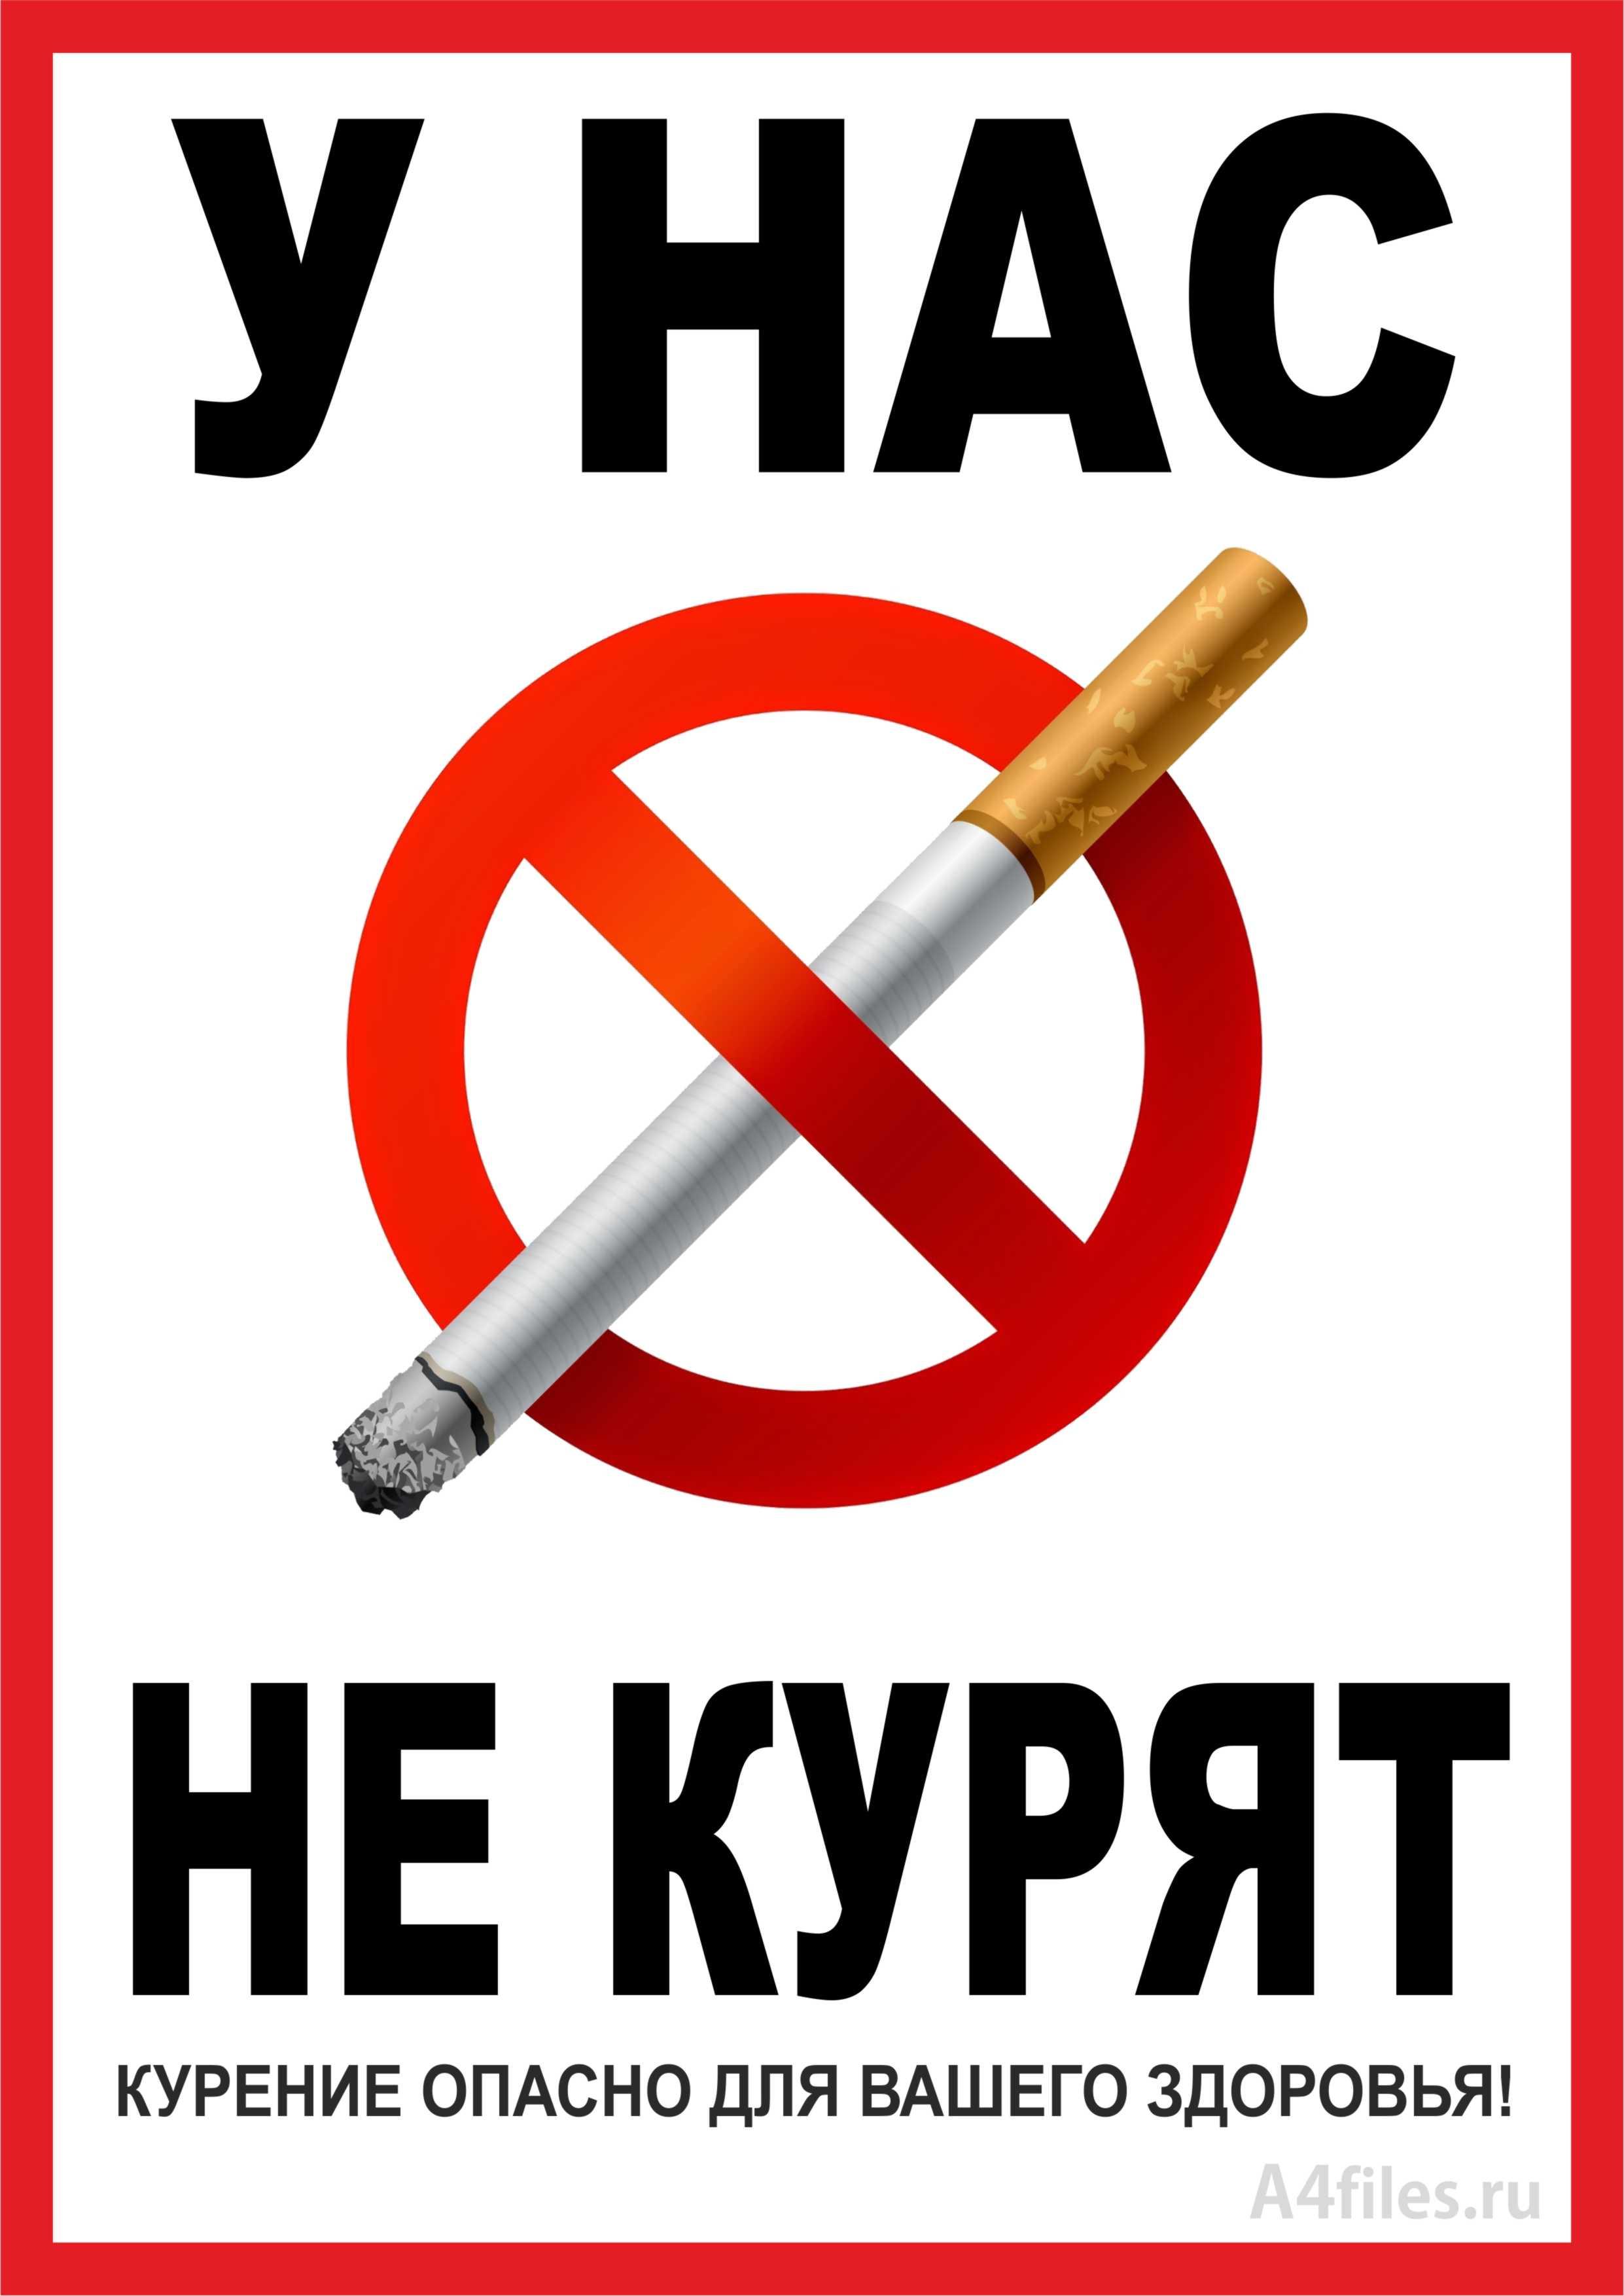 Приветы, смешные таблички не курить